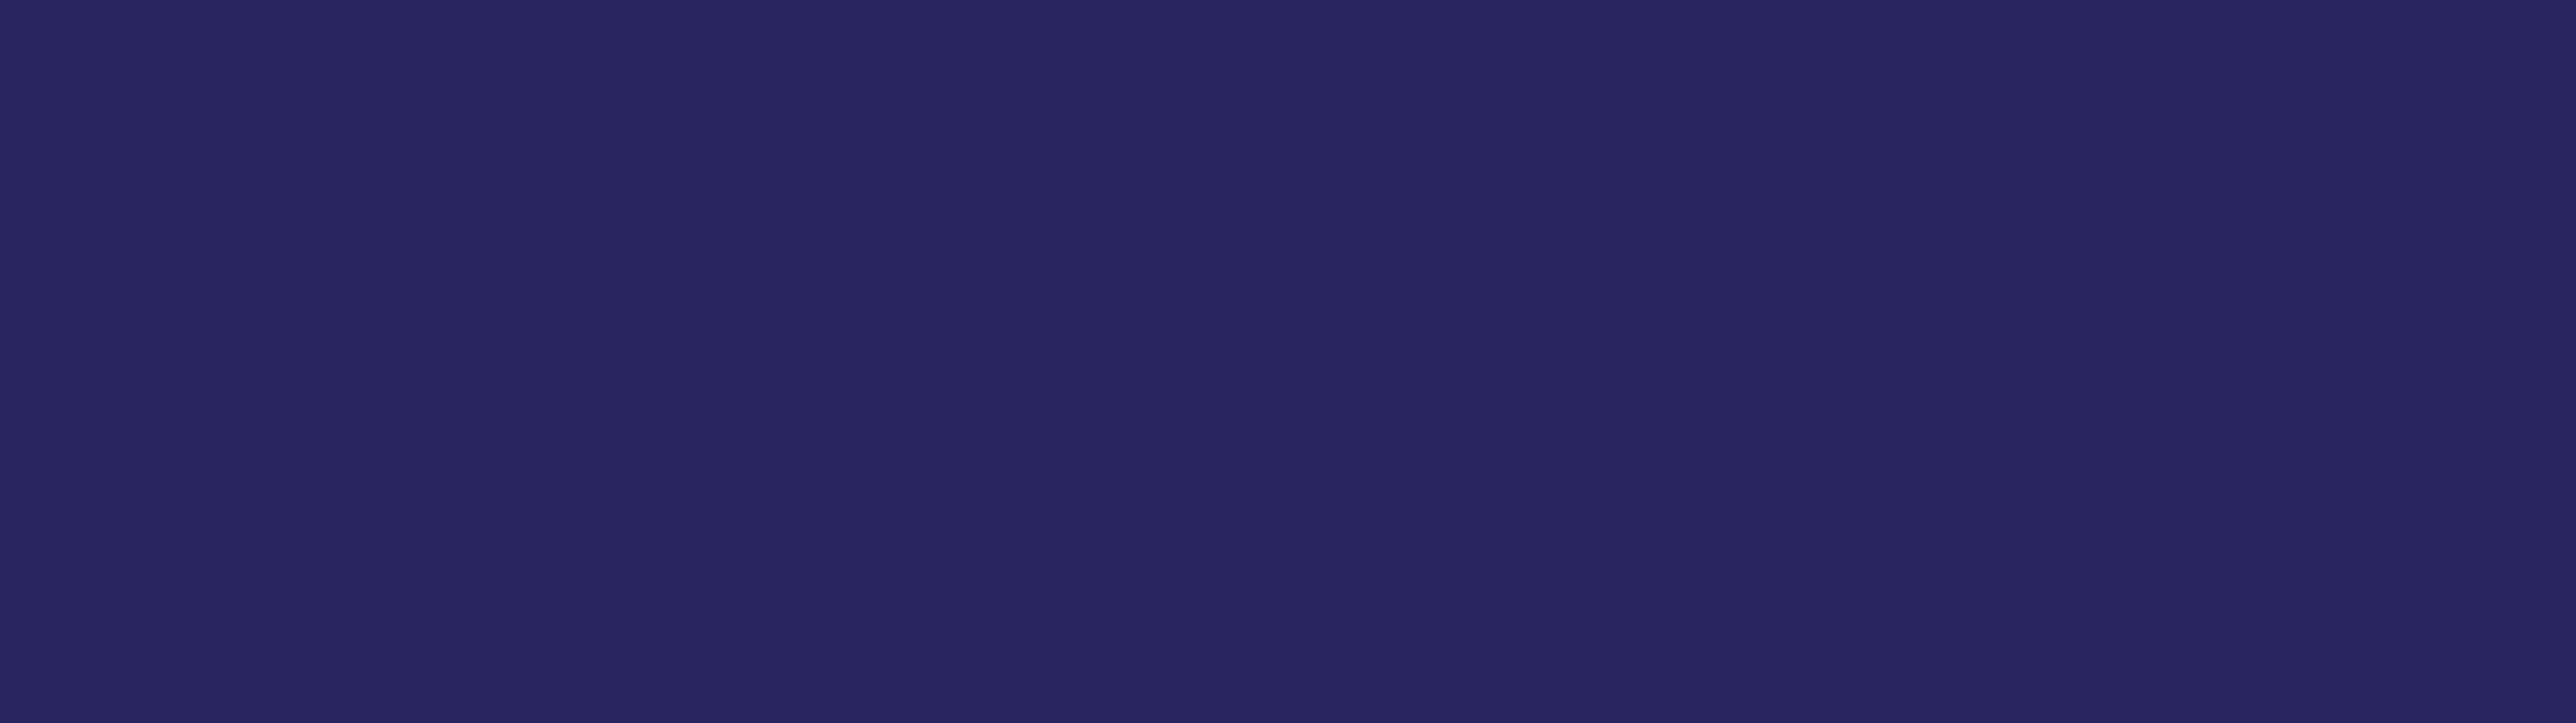 Snag.com